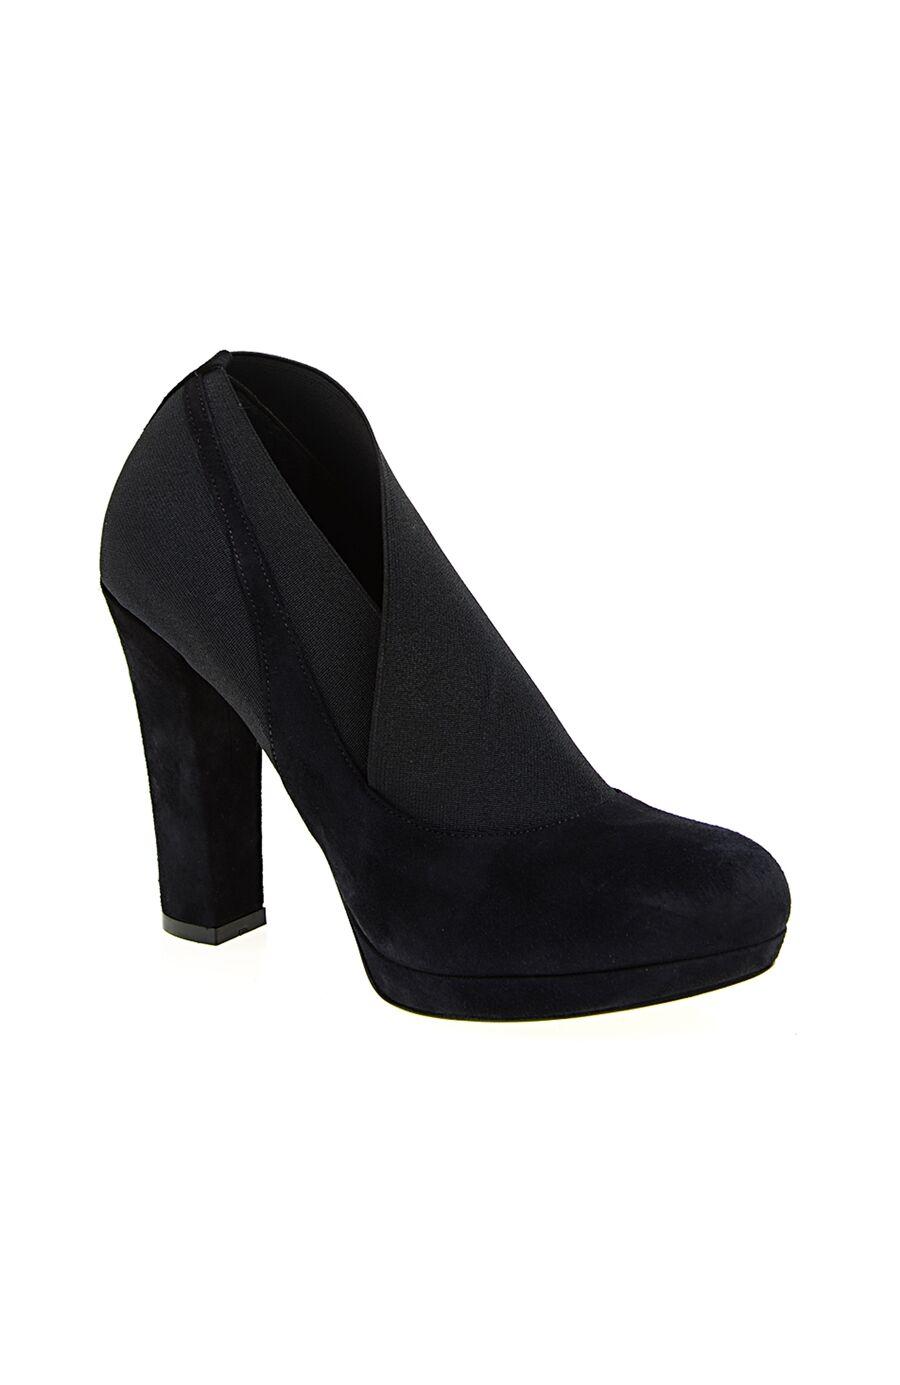 Lastik Detaylı Lacivert Ayakkabı